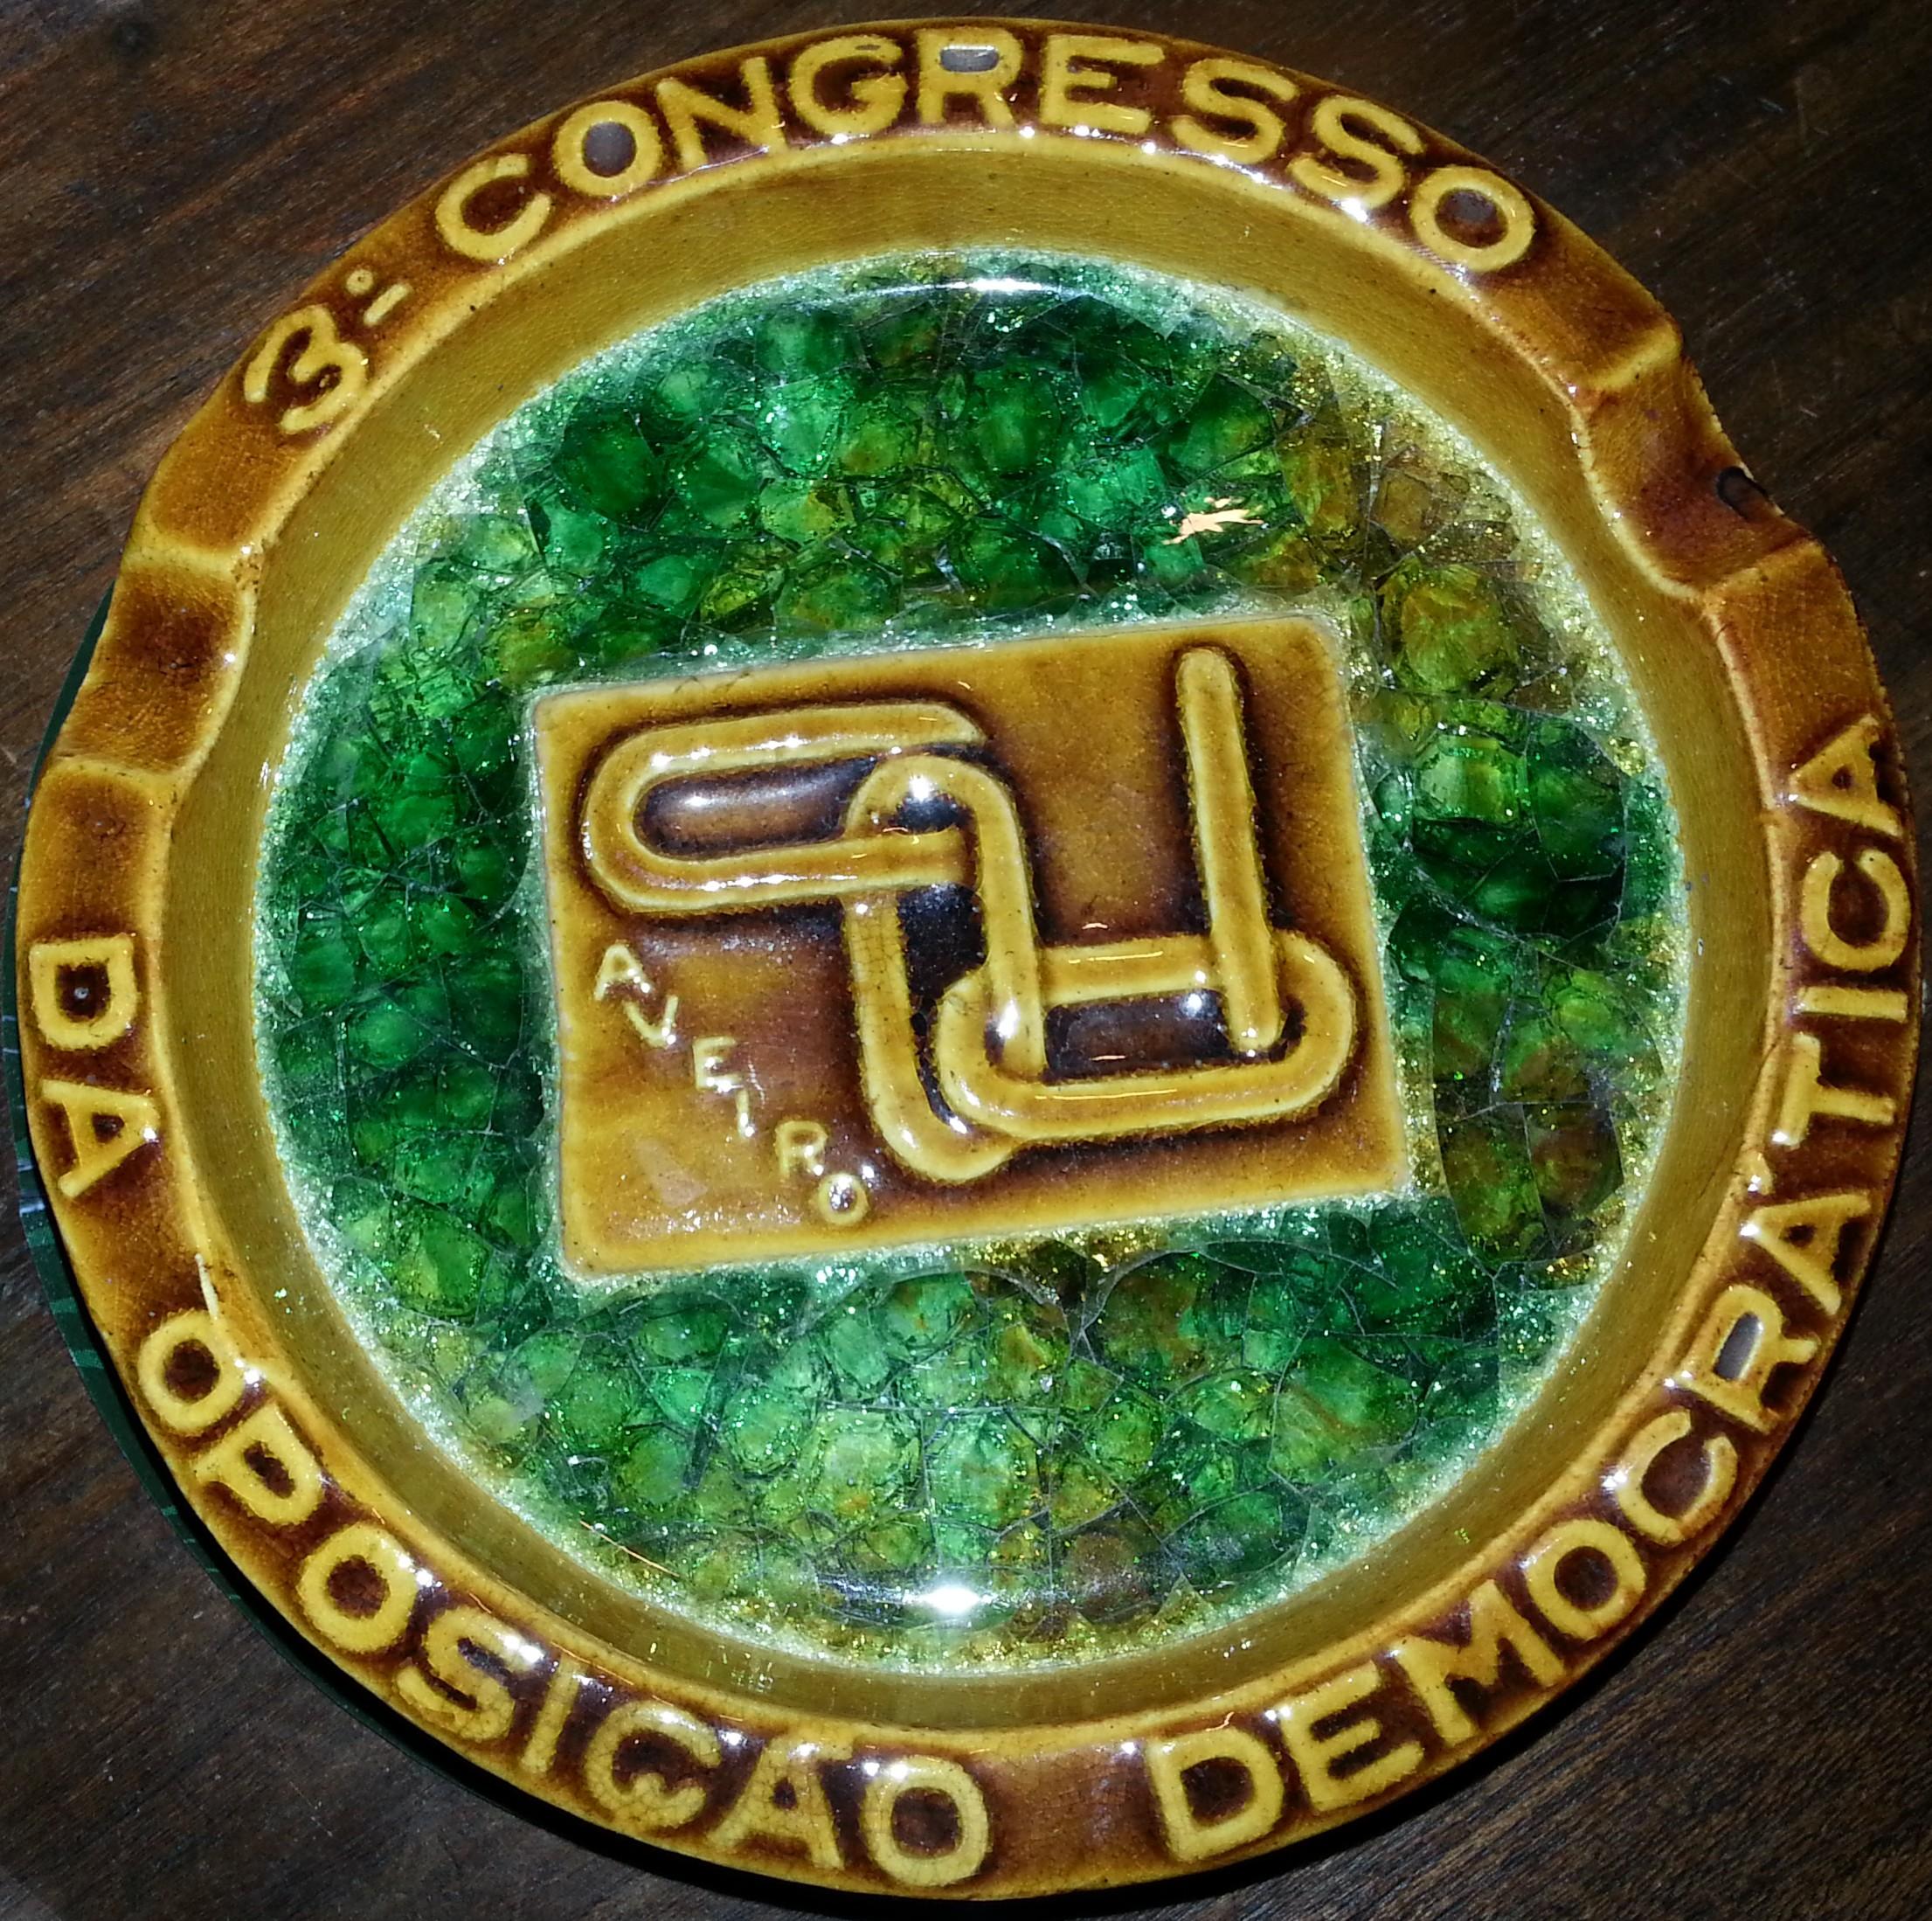 3_Congr_Oposicao_Democ_cinzeiro